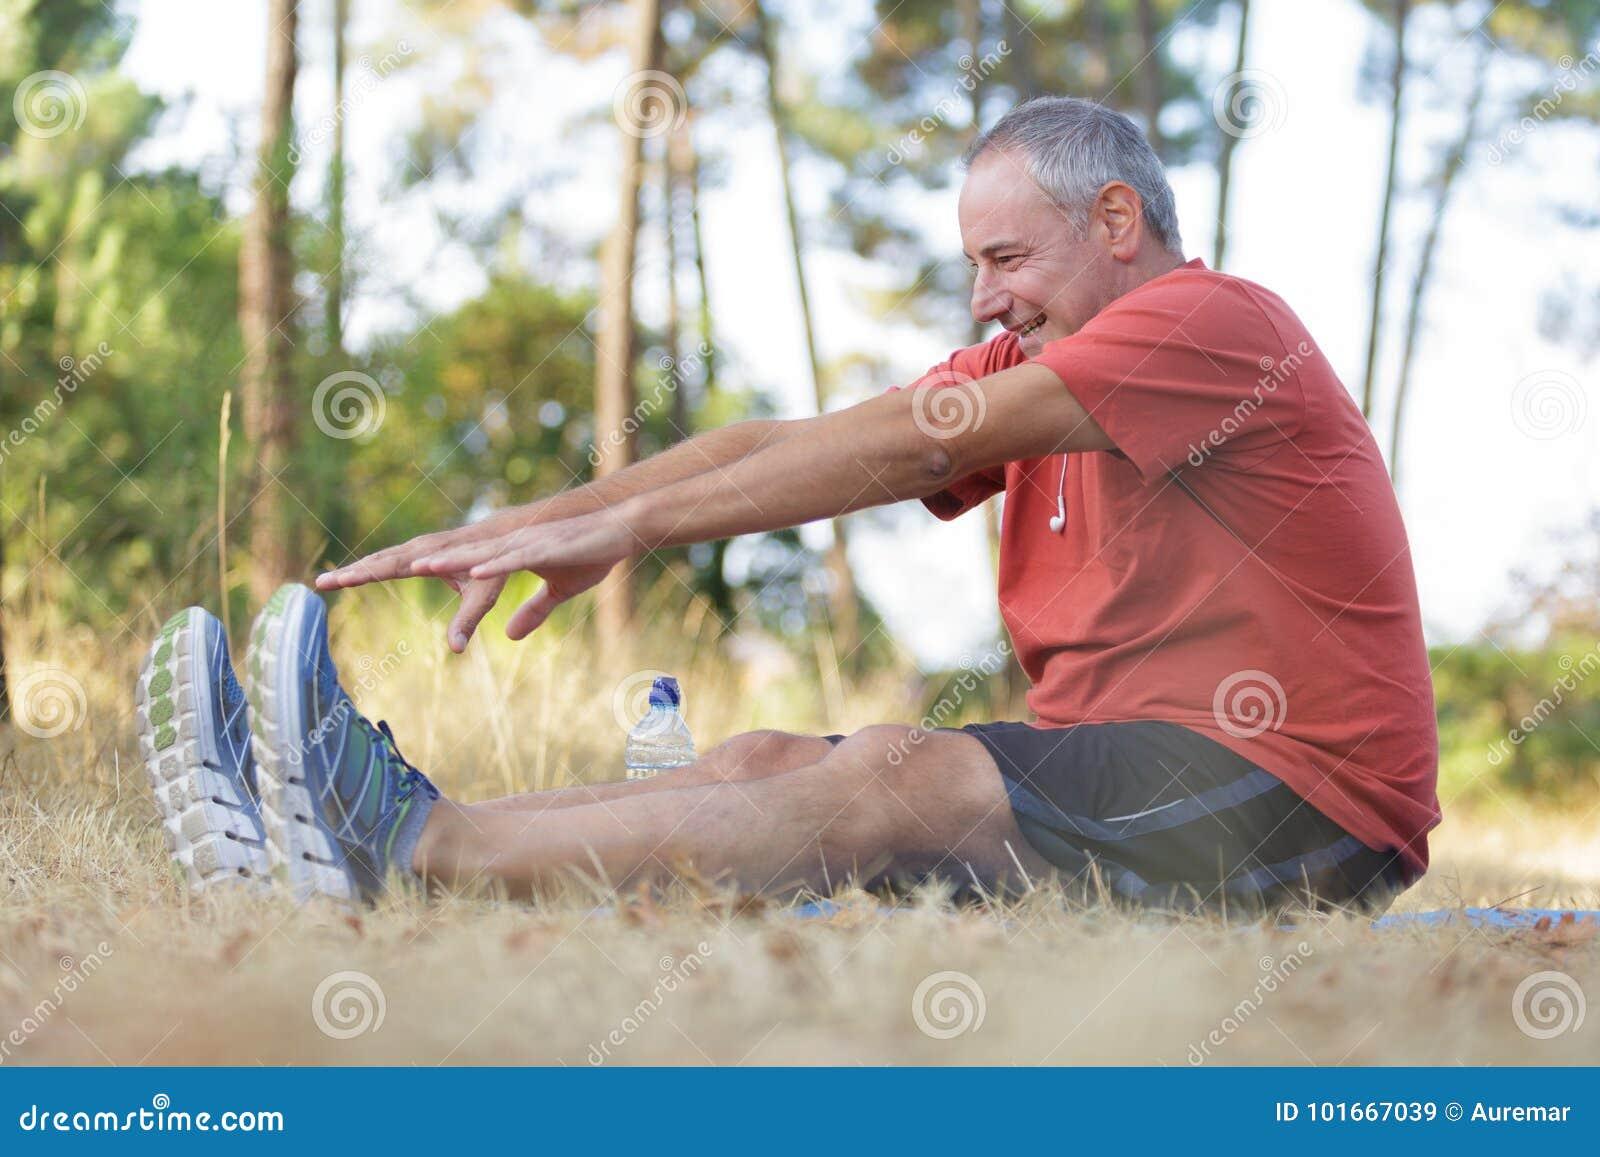 Mensentraining op middelbare leeftijd in park